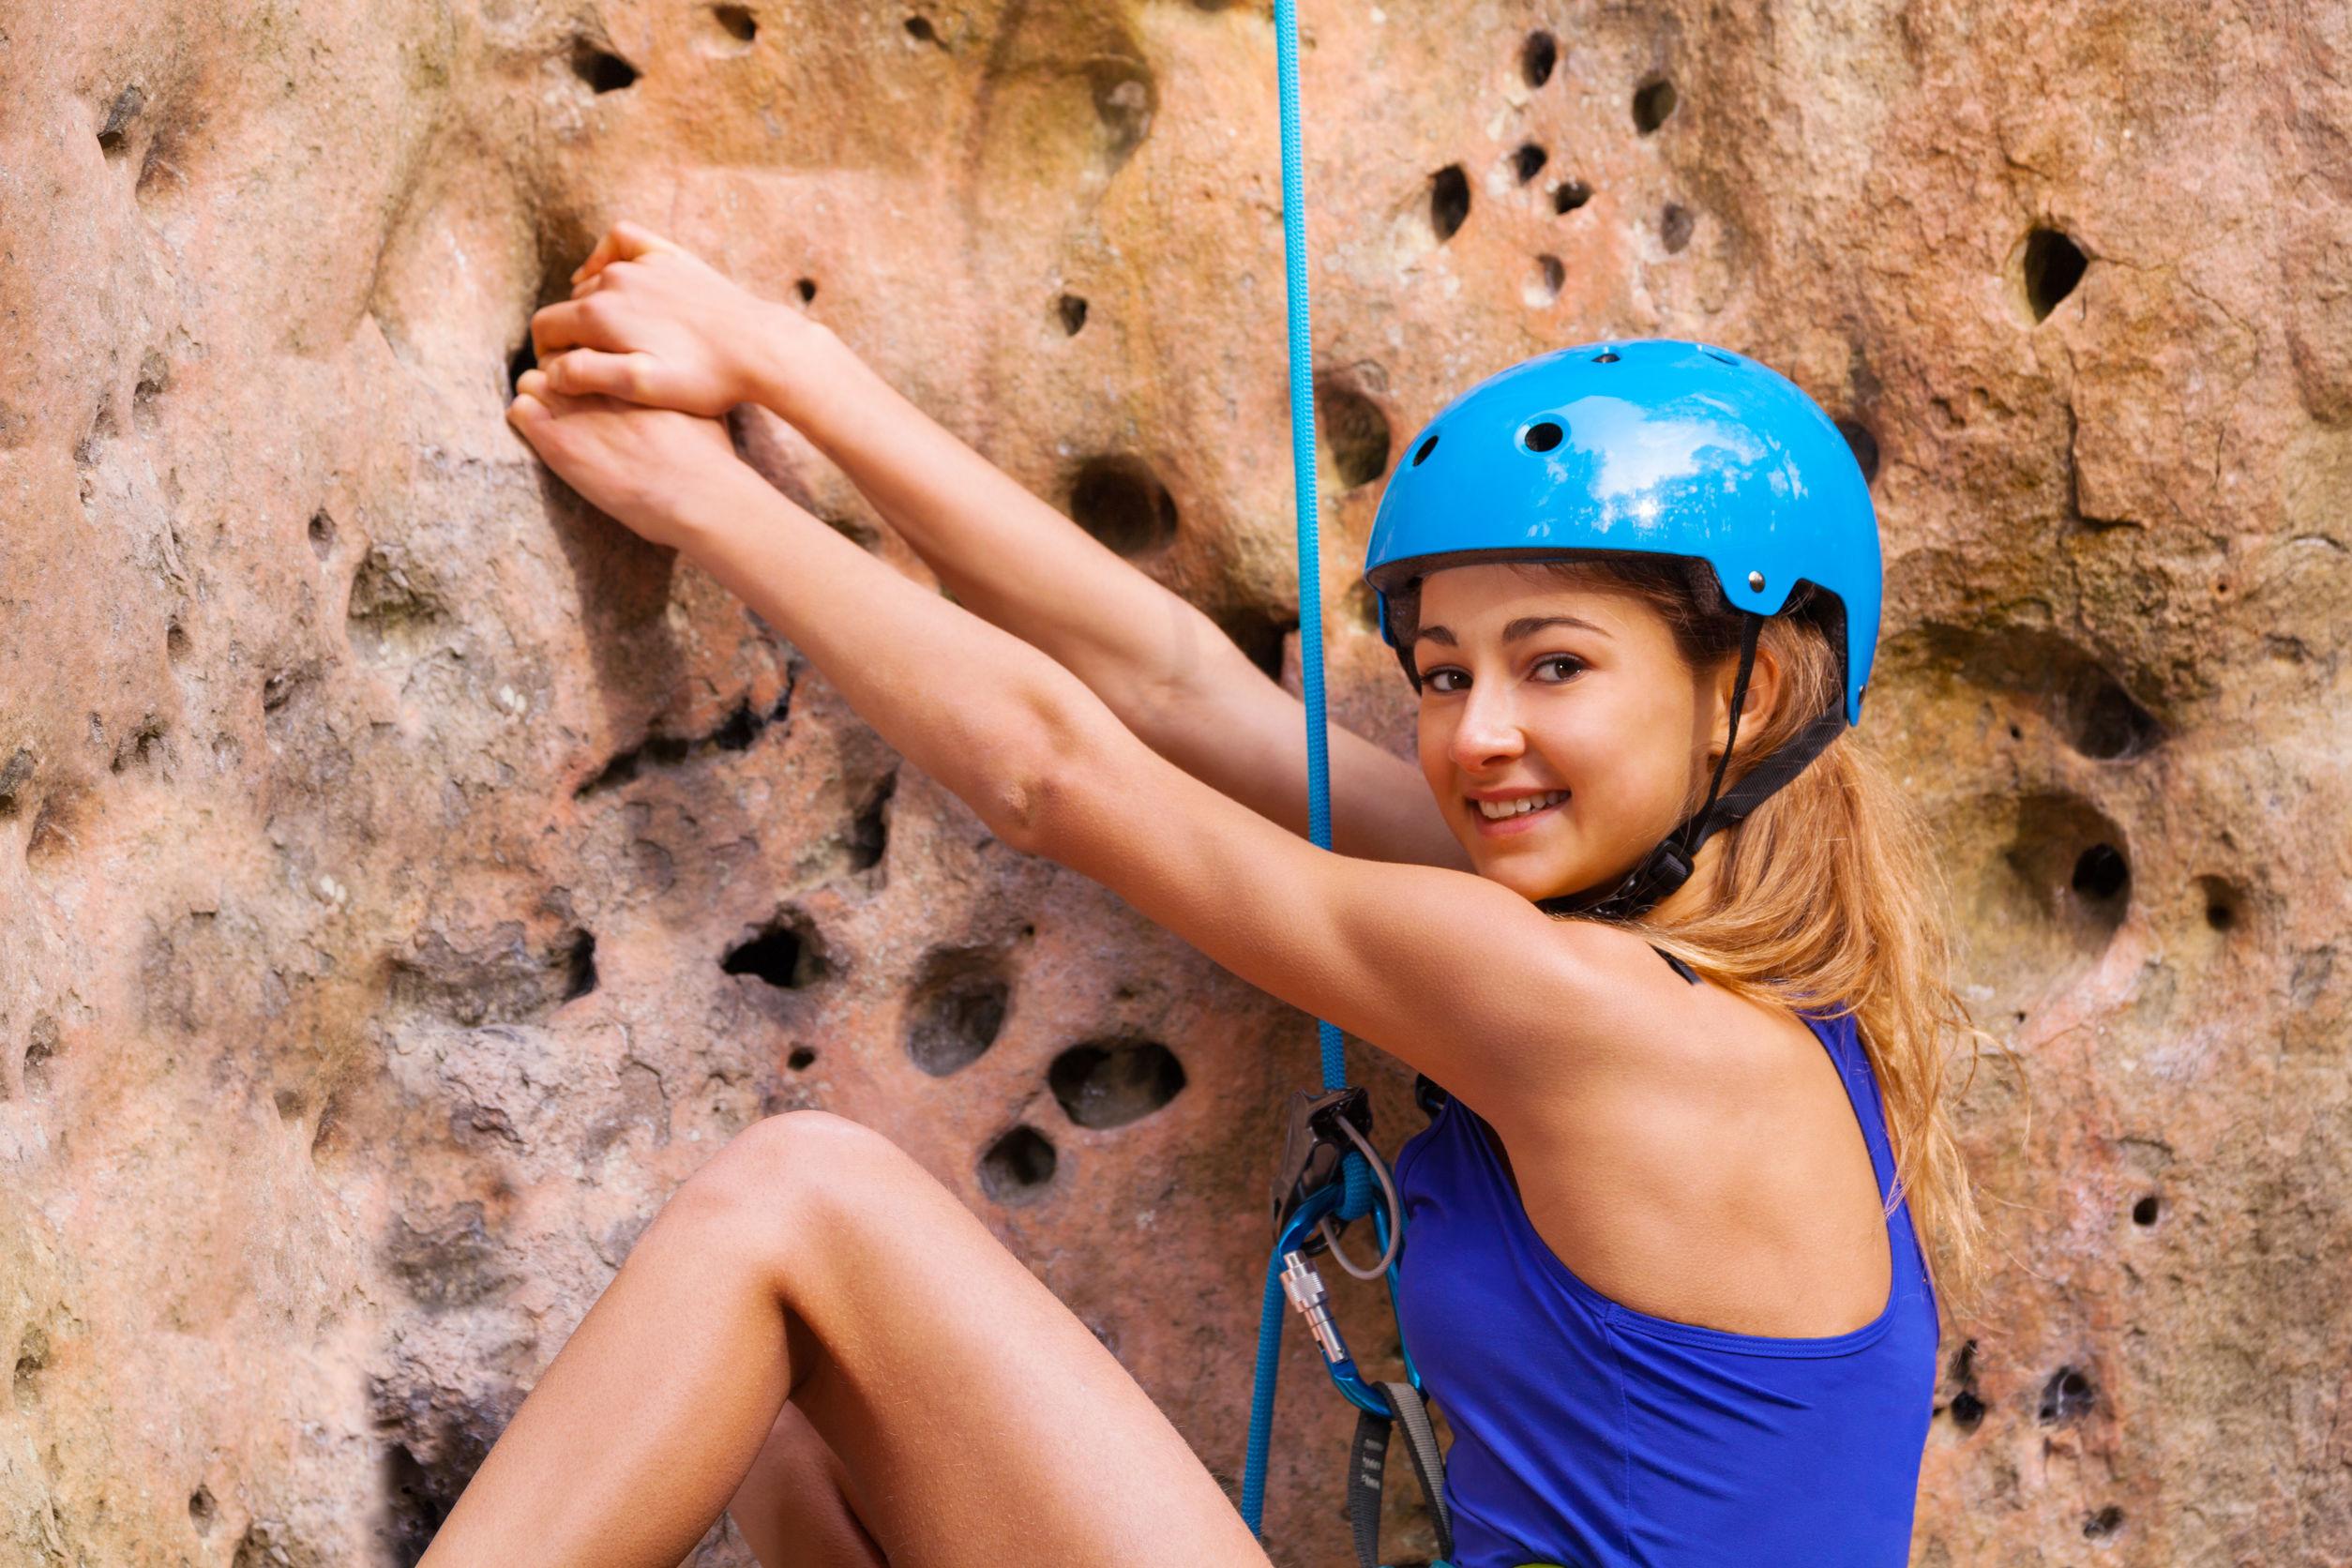 Mujer escaladora con casco haciendo ejercicio al aire libre